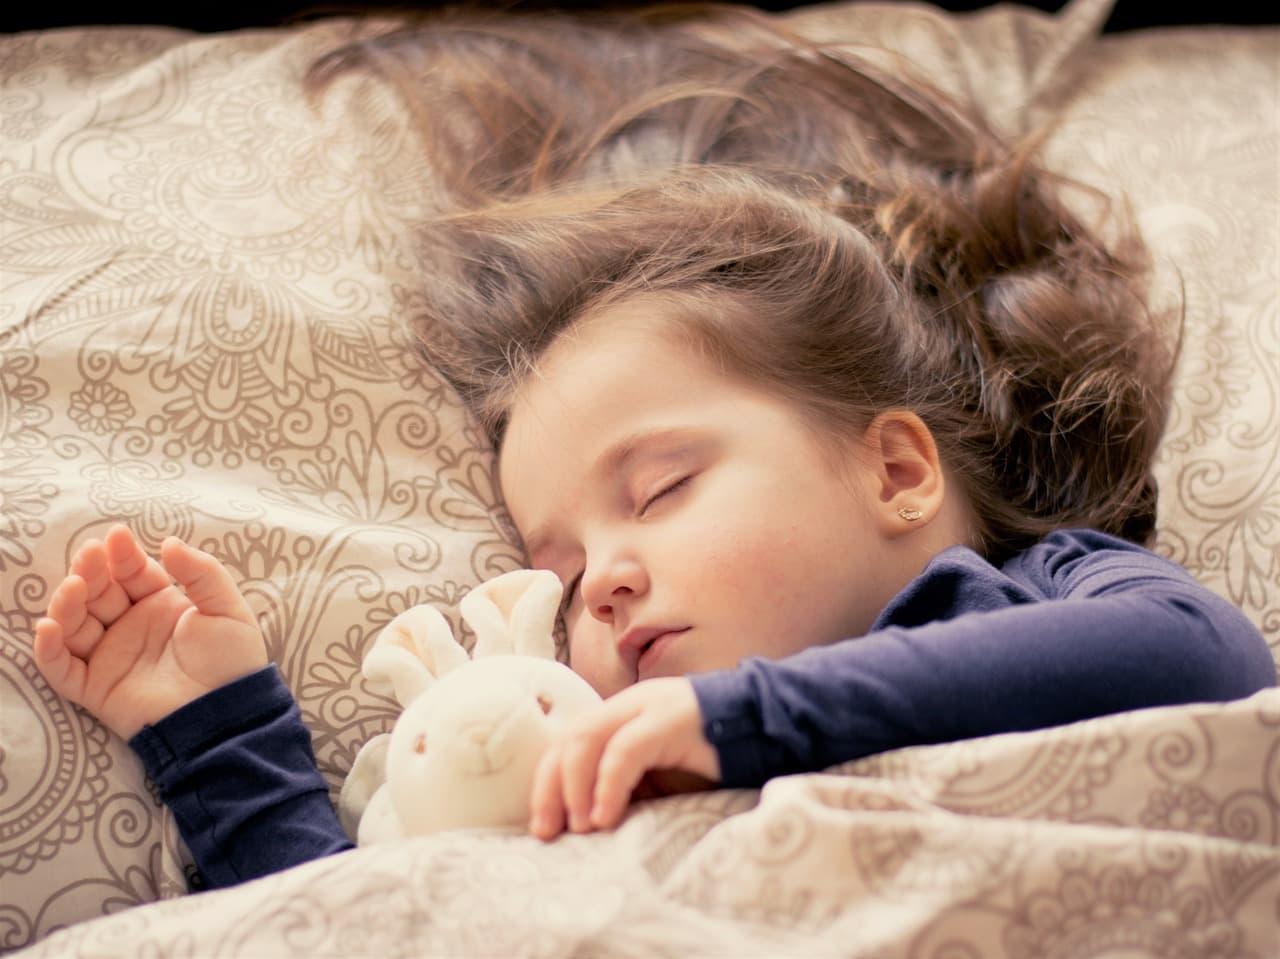 Habitos de dormir saludables para niños